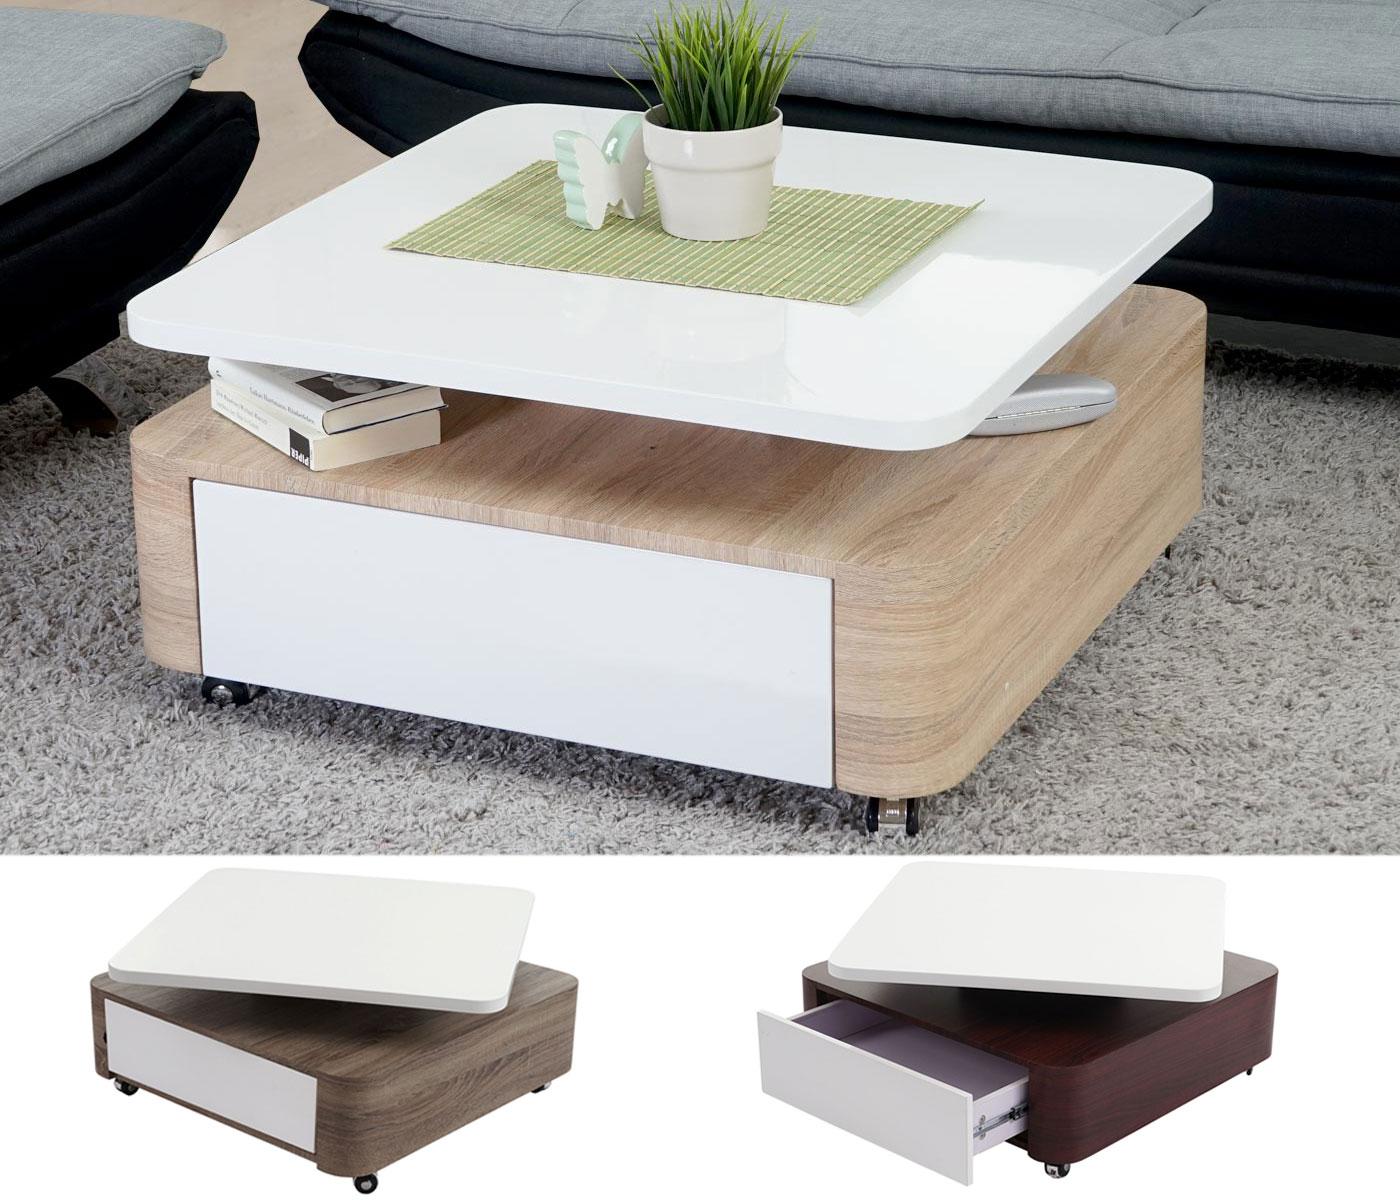 couchtisch sibiu wohnzimmertisch hochglanz drehbar 38x75x75cm ebay. Black Bedroom Furniture Sets. Home Design Ideas